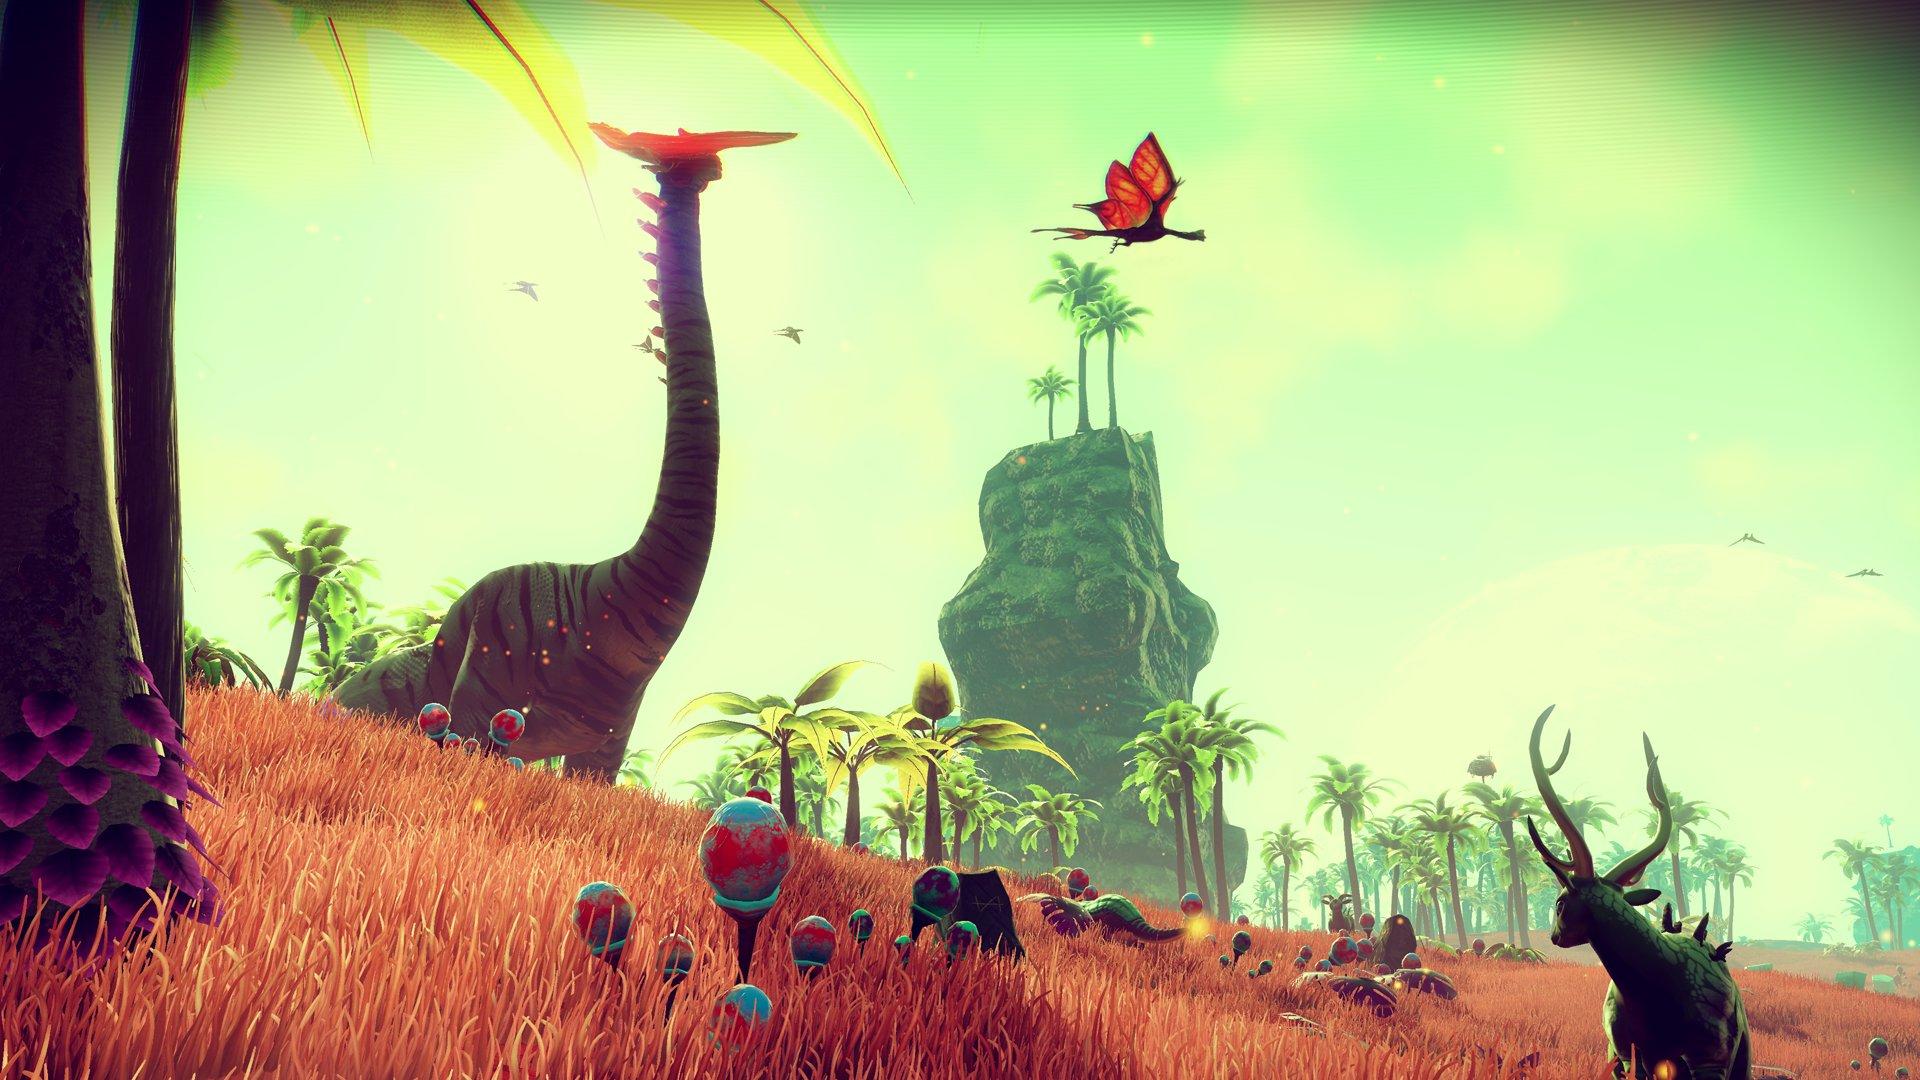 No Man's Sky - Dinosaure et papillon